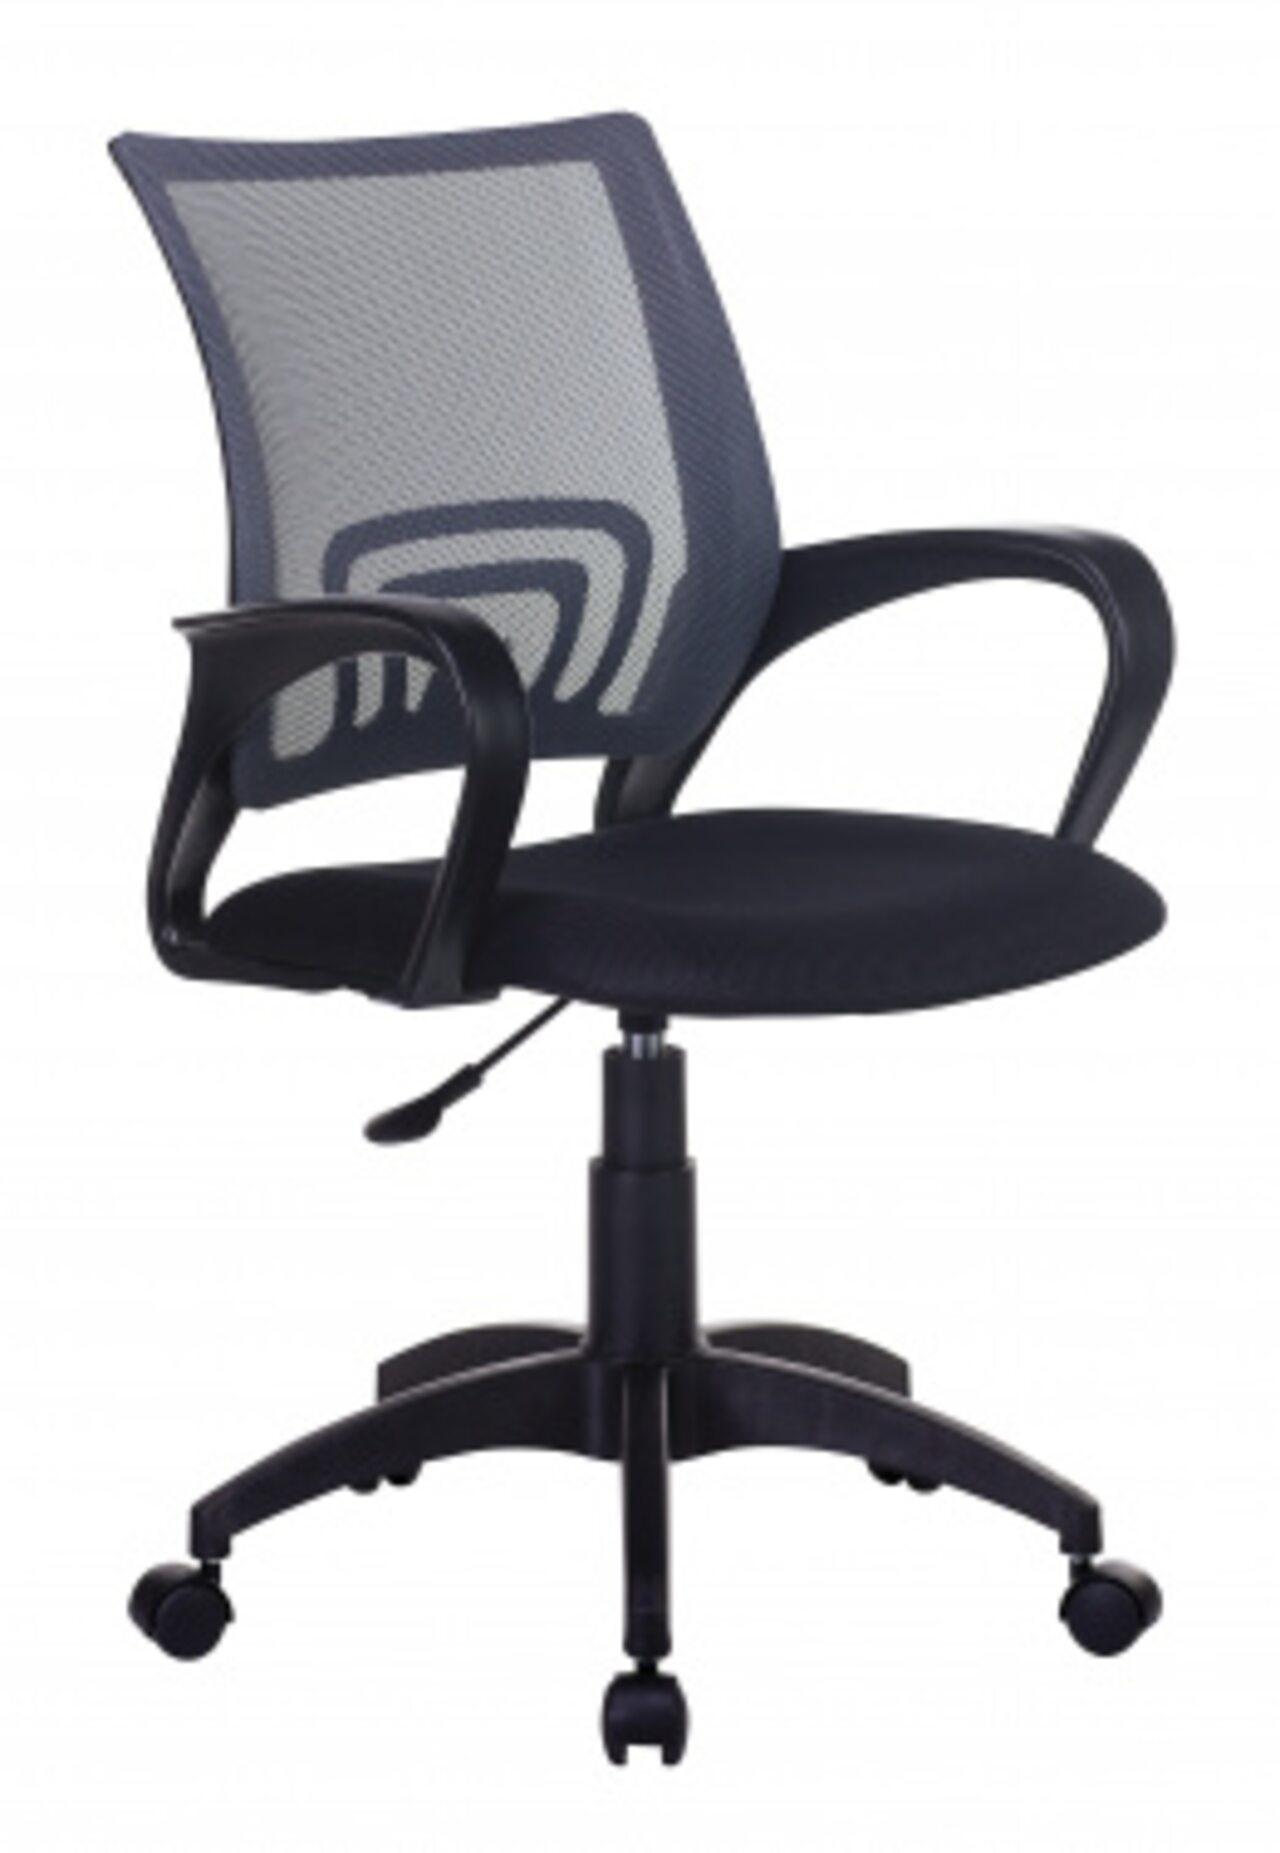 Кресло для персонала CH-695NLT  - фото 3